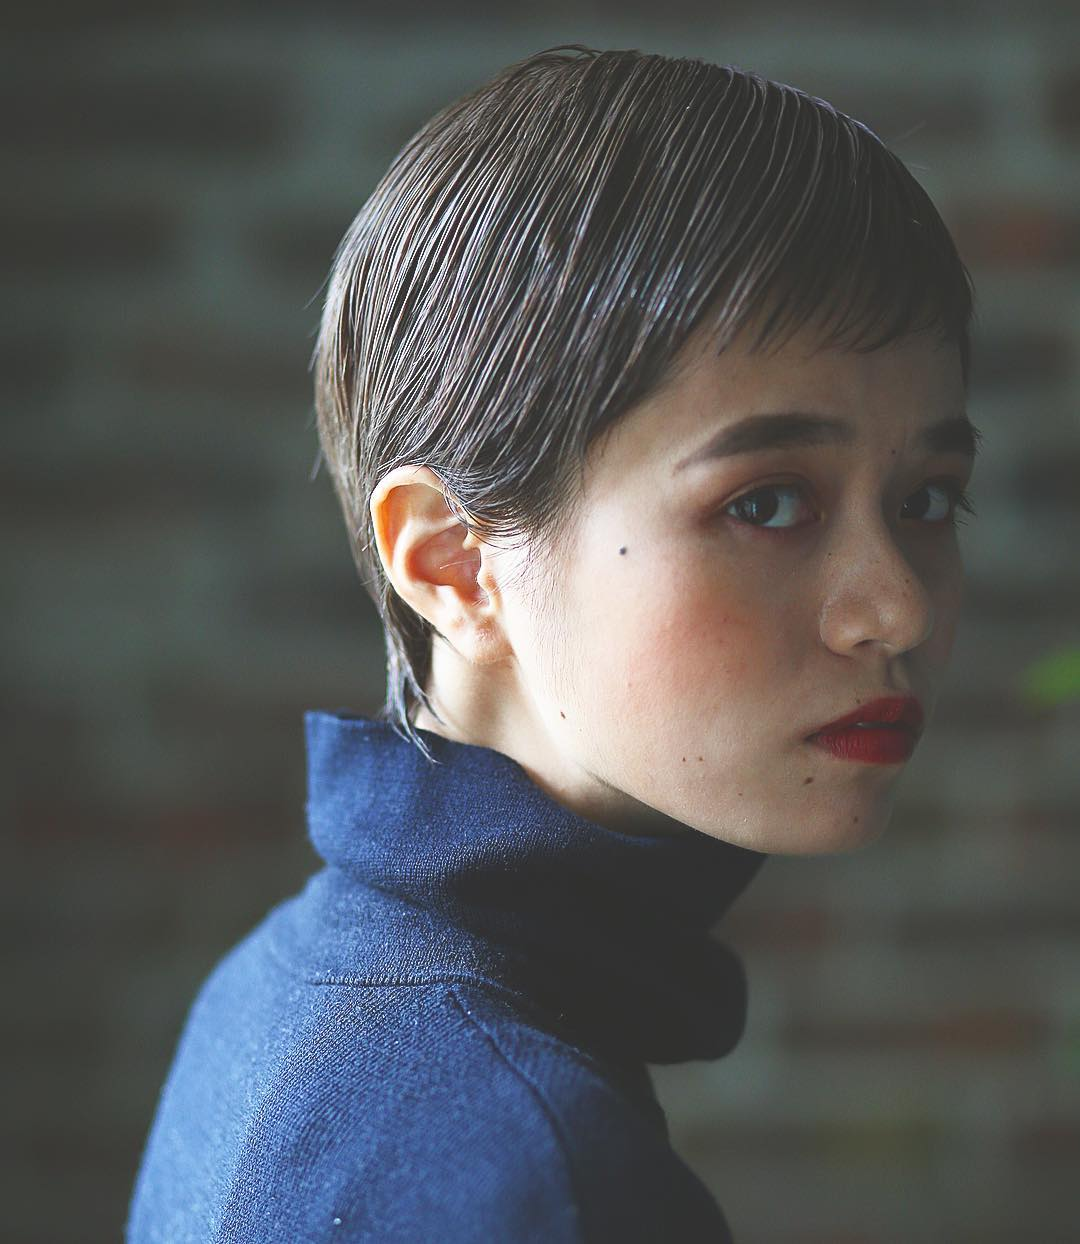 2020年流行カラー、落ち着いた印象の「クラシックブルー」に似合うヘアアレンジ5